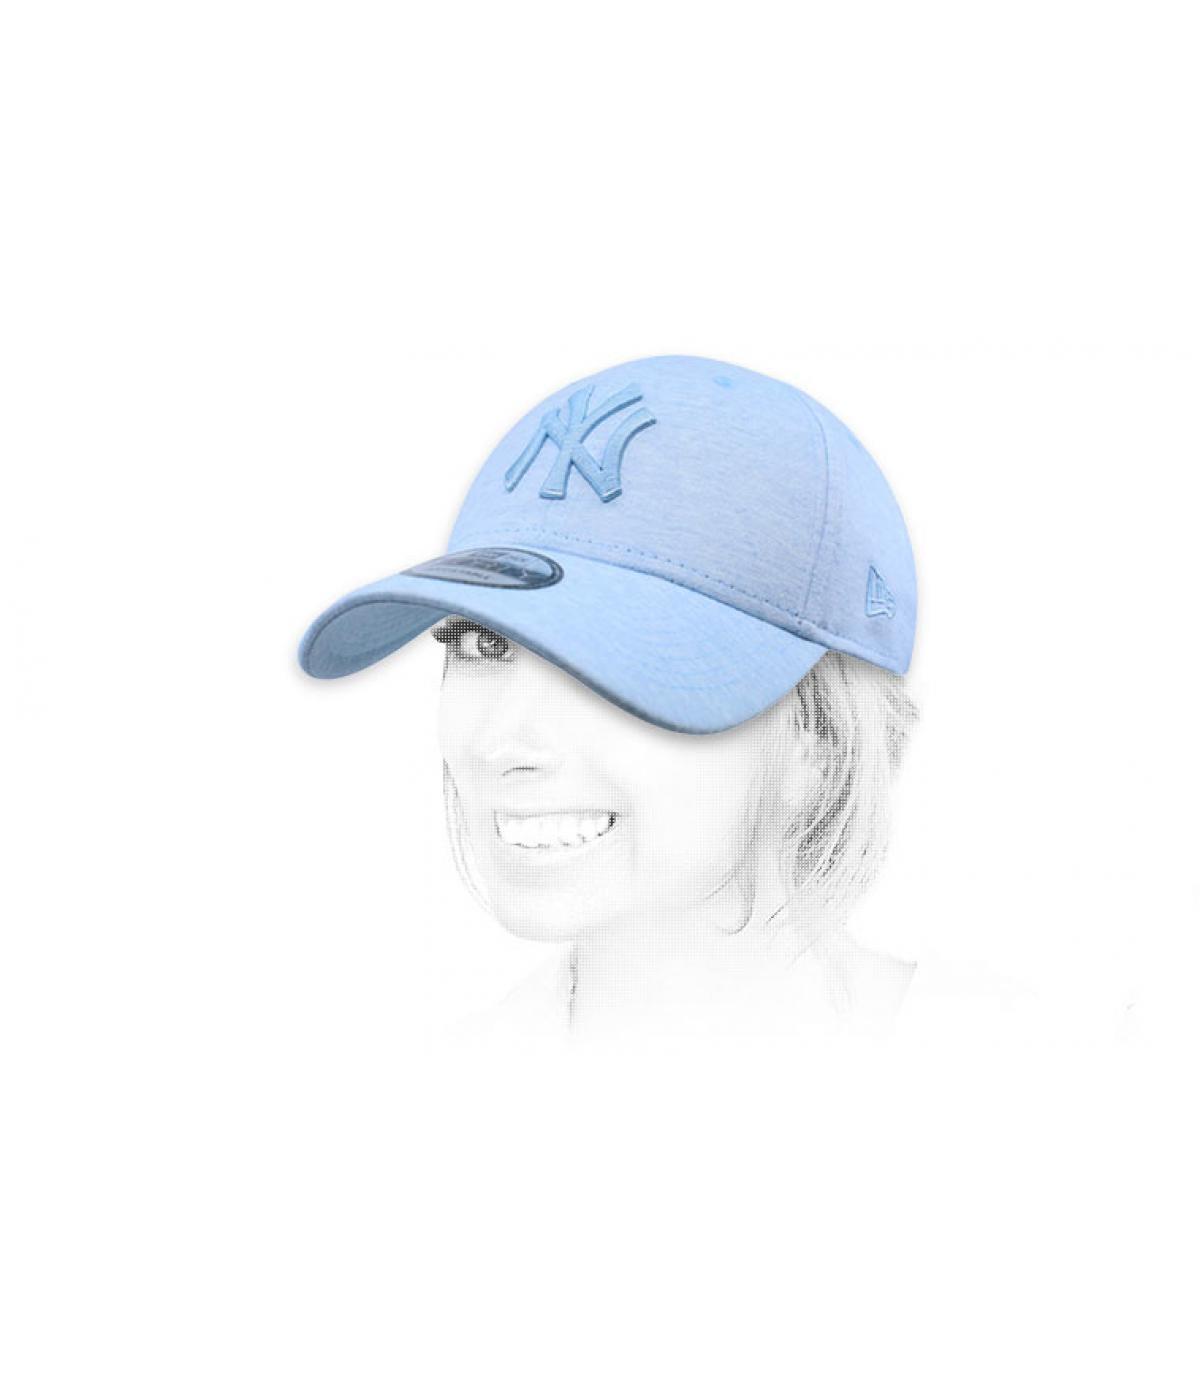 casquette NY bleu ciel